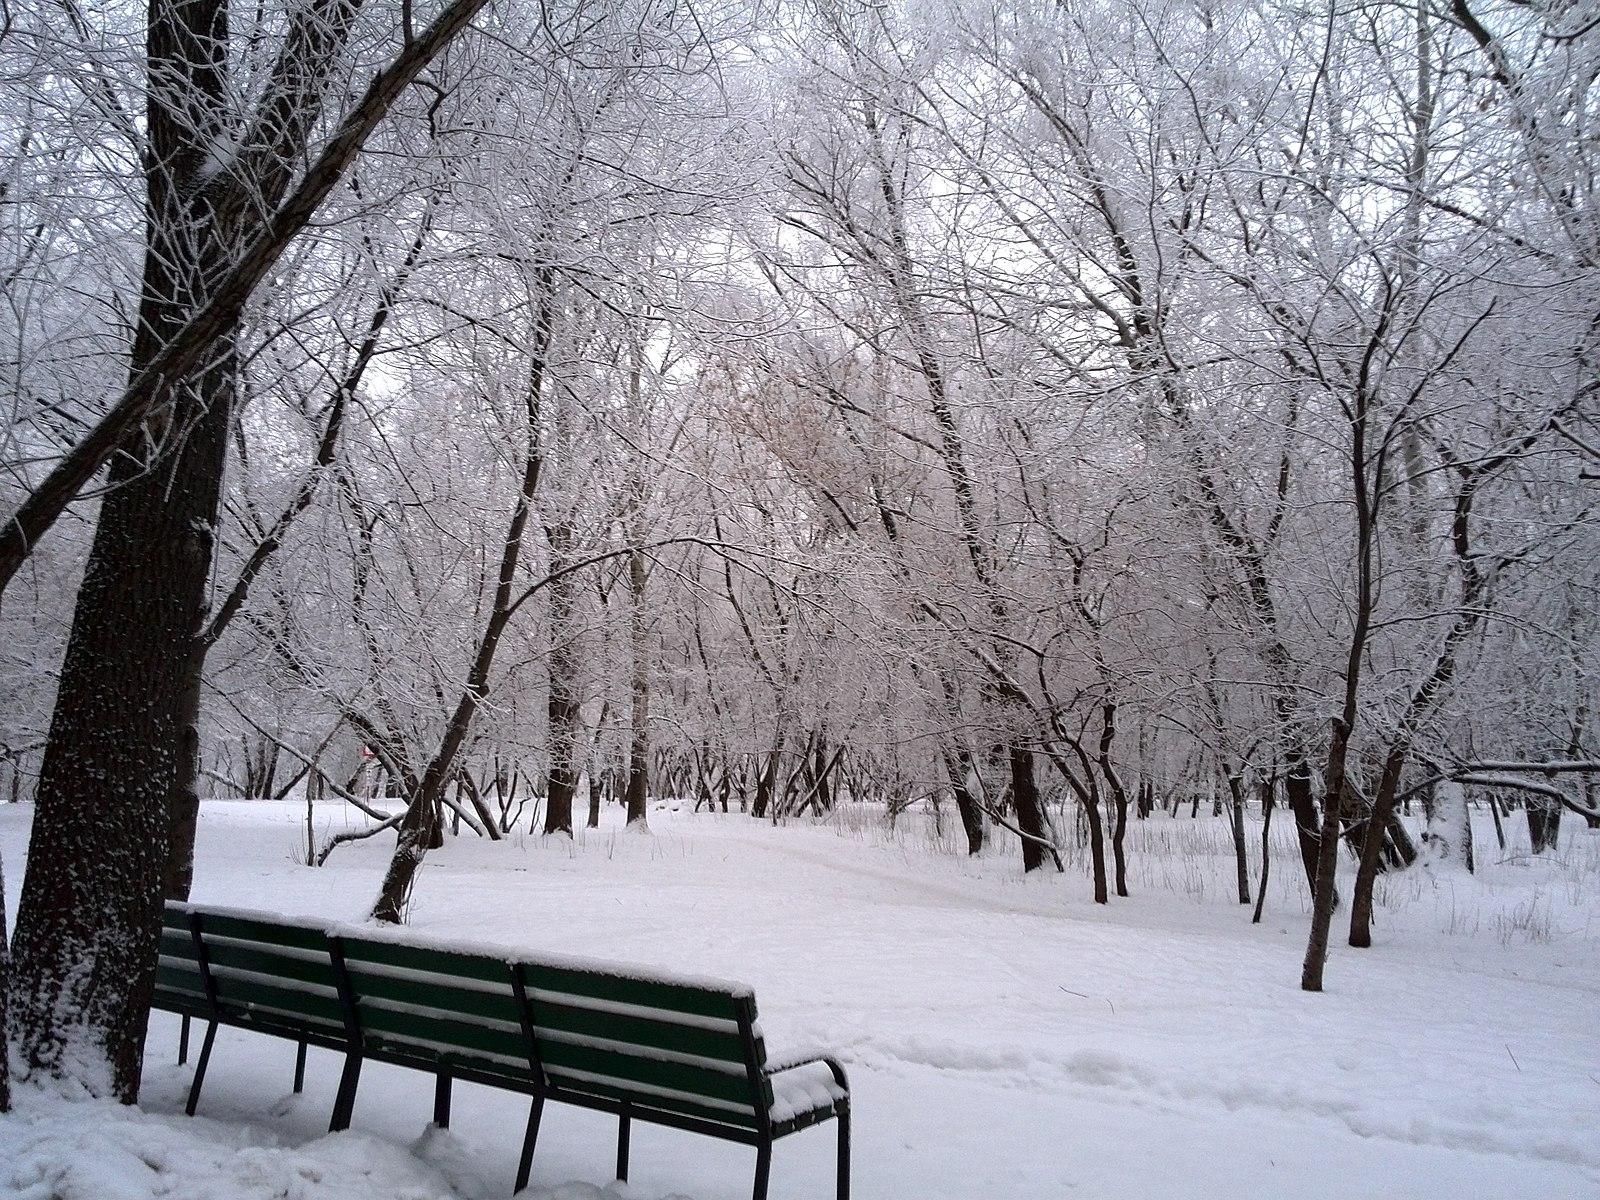 центральный, киев зима на бульварах москвы фото бомбер, котором